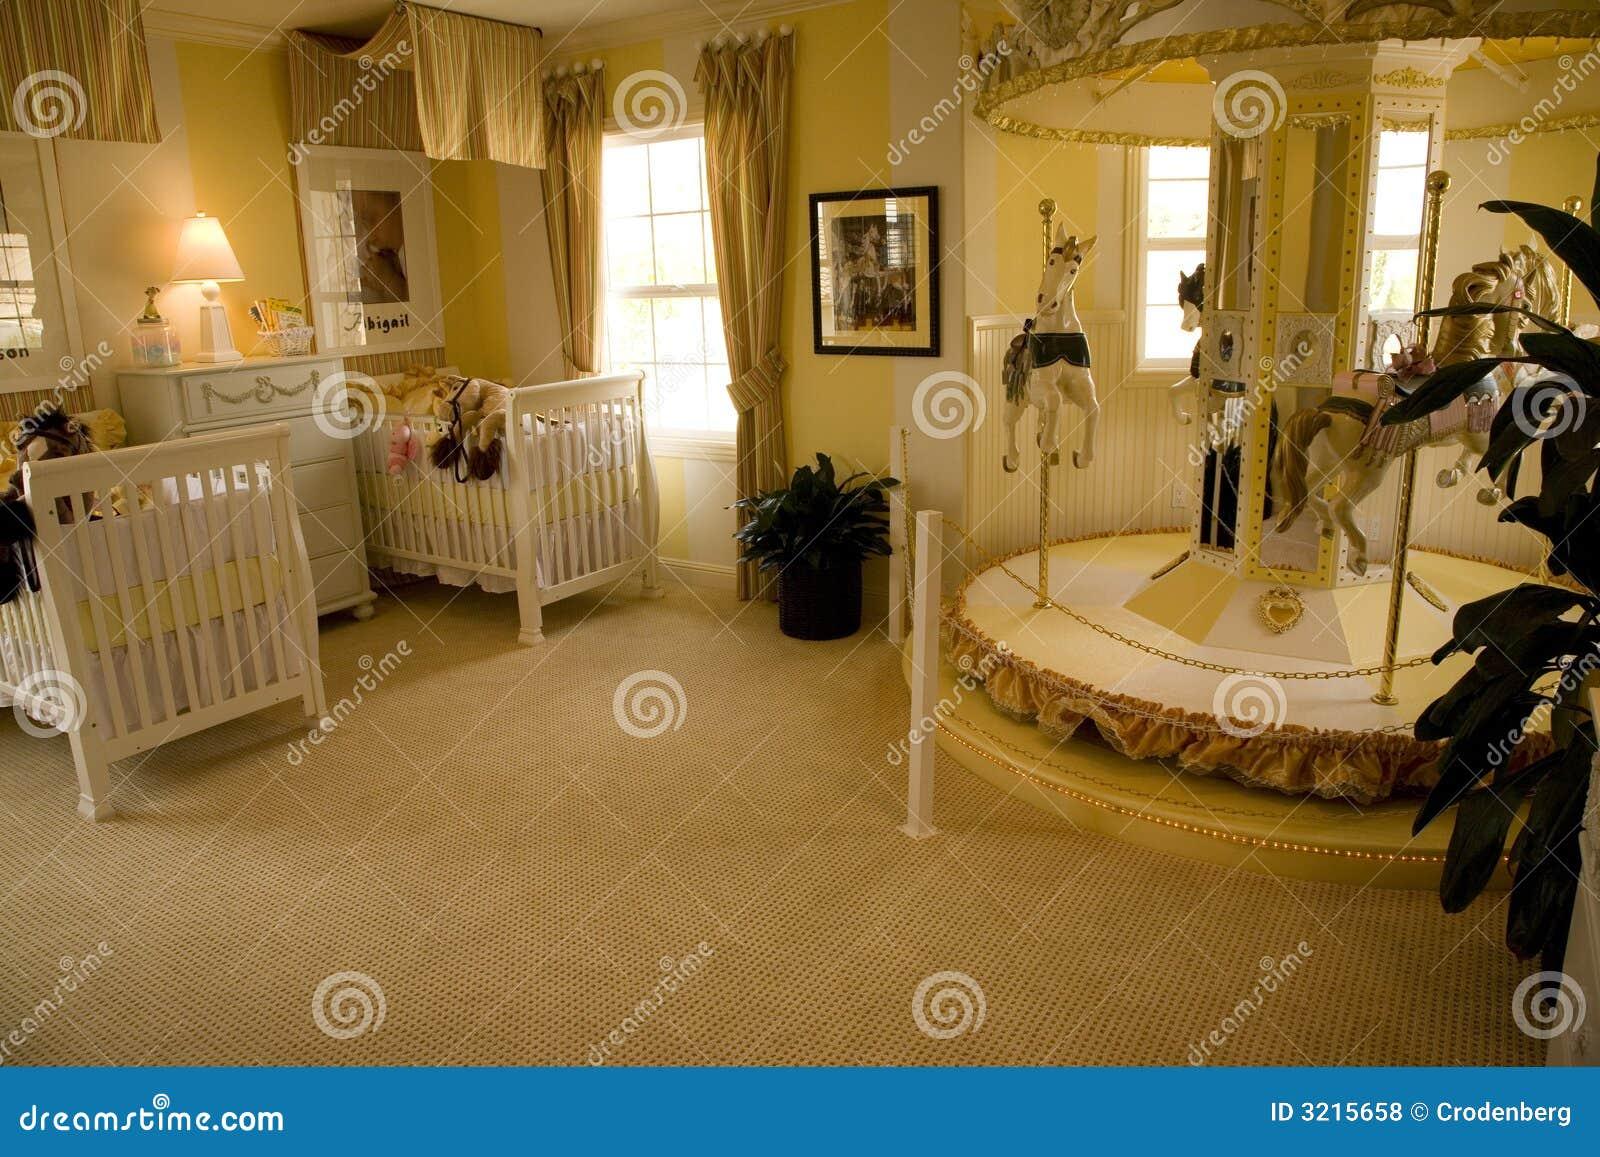 Slaapkamer baby: slaapkamer delen met baby model en downsyndroom.